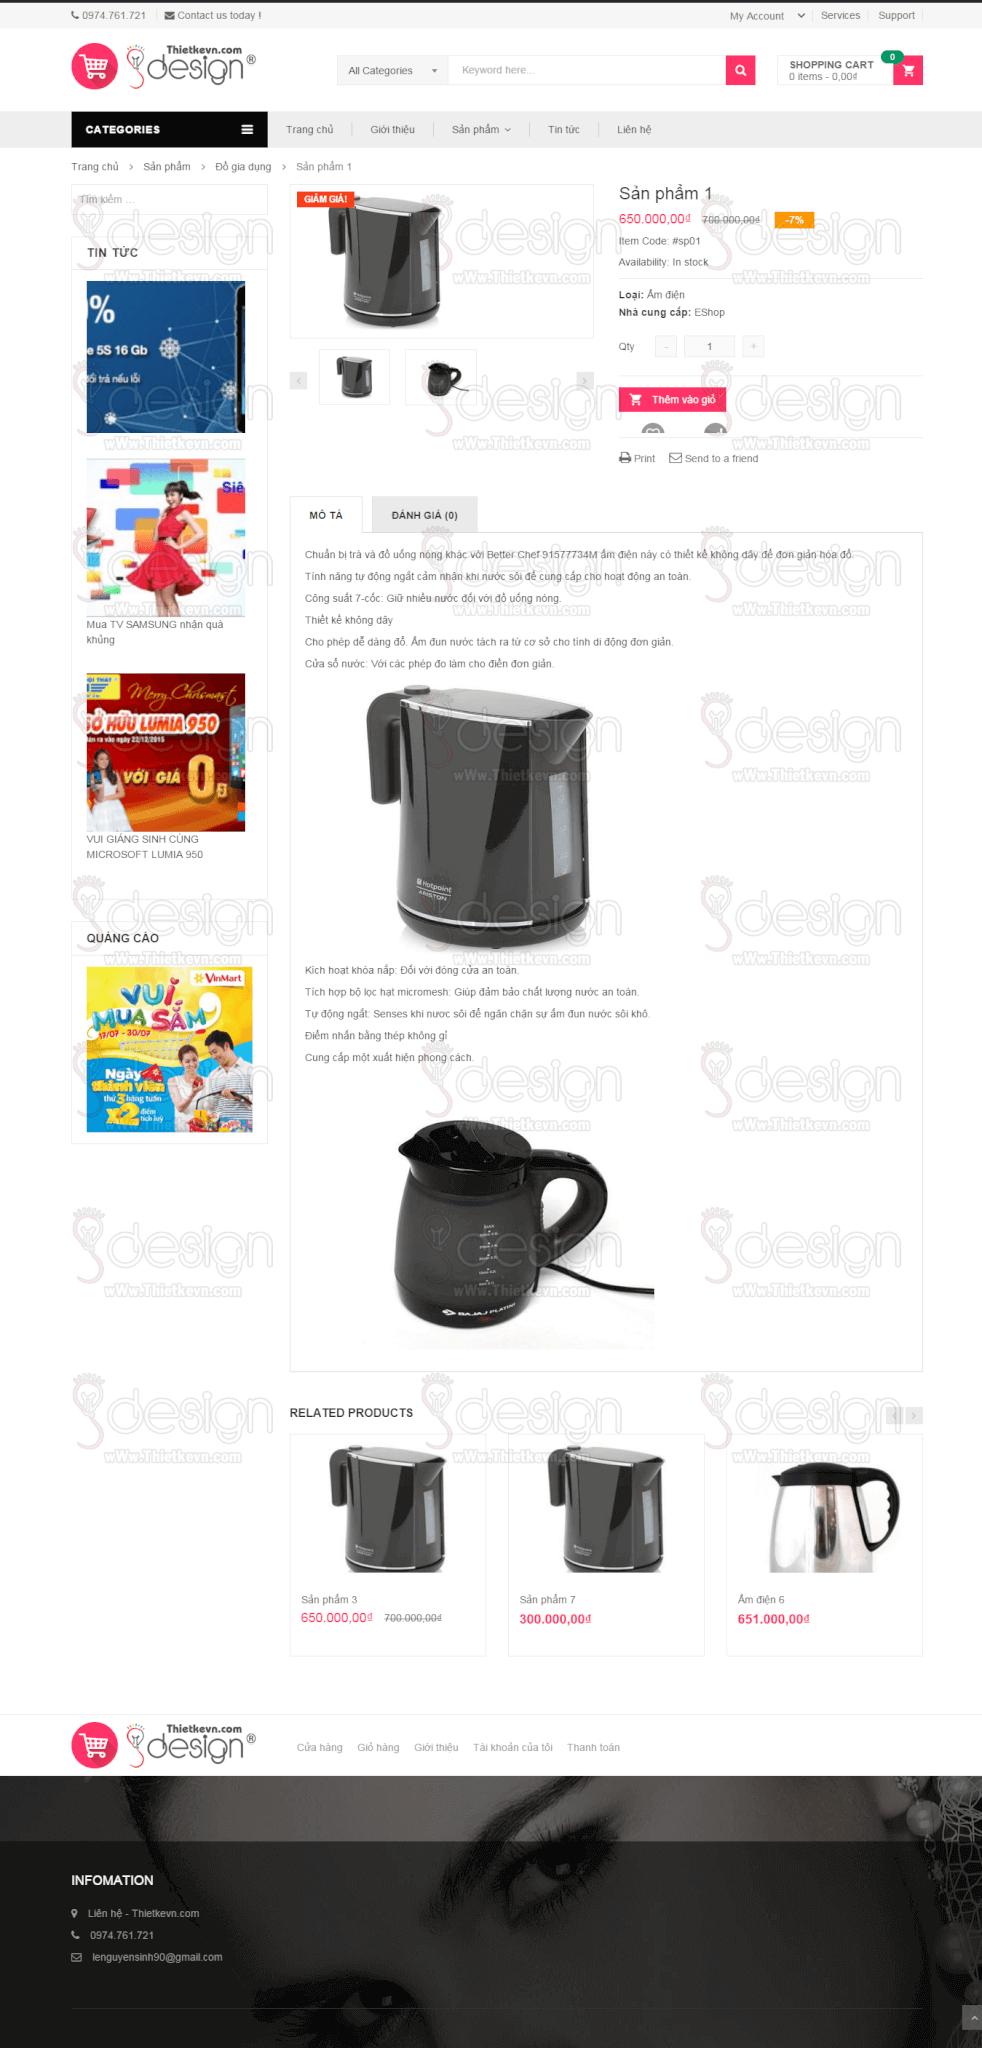 Thiết kế website bán hàng, shop giá rẻ - Trang xem sản phẩm